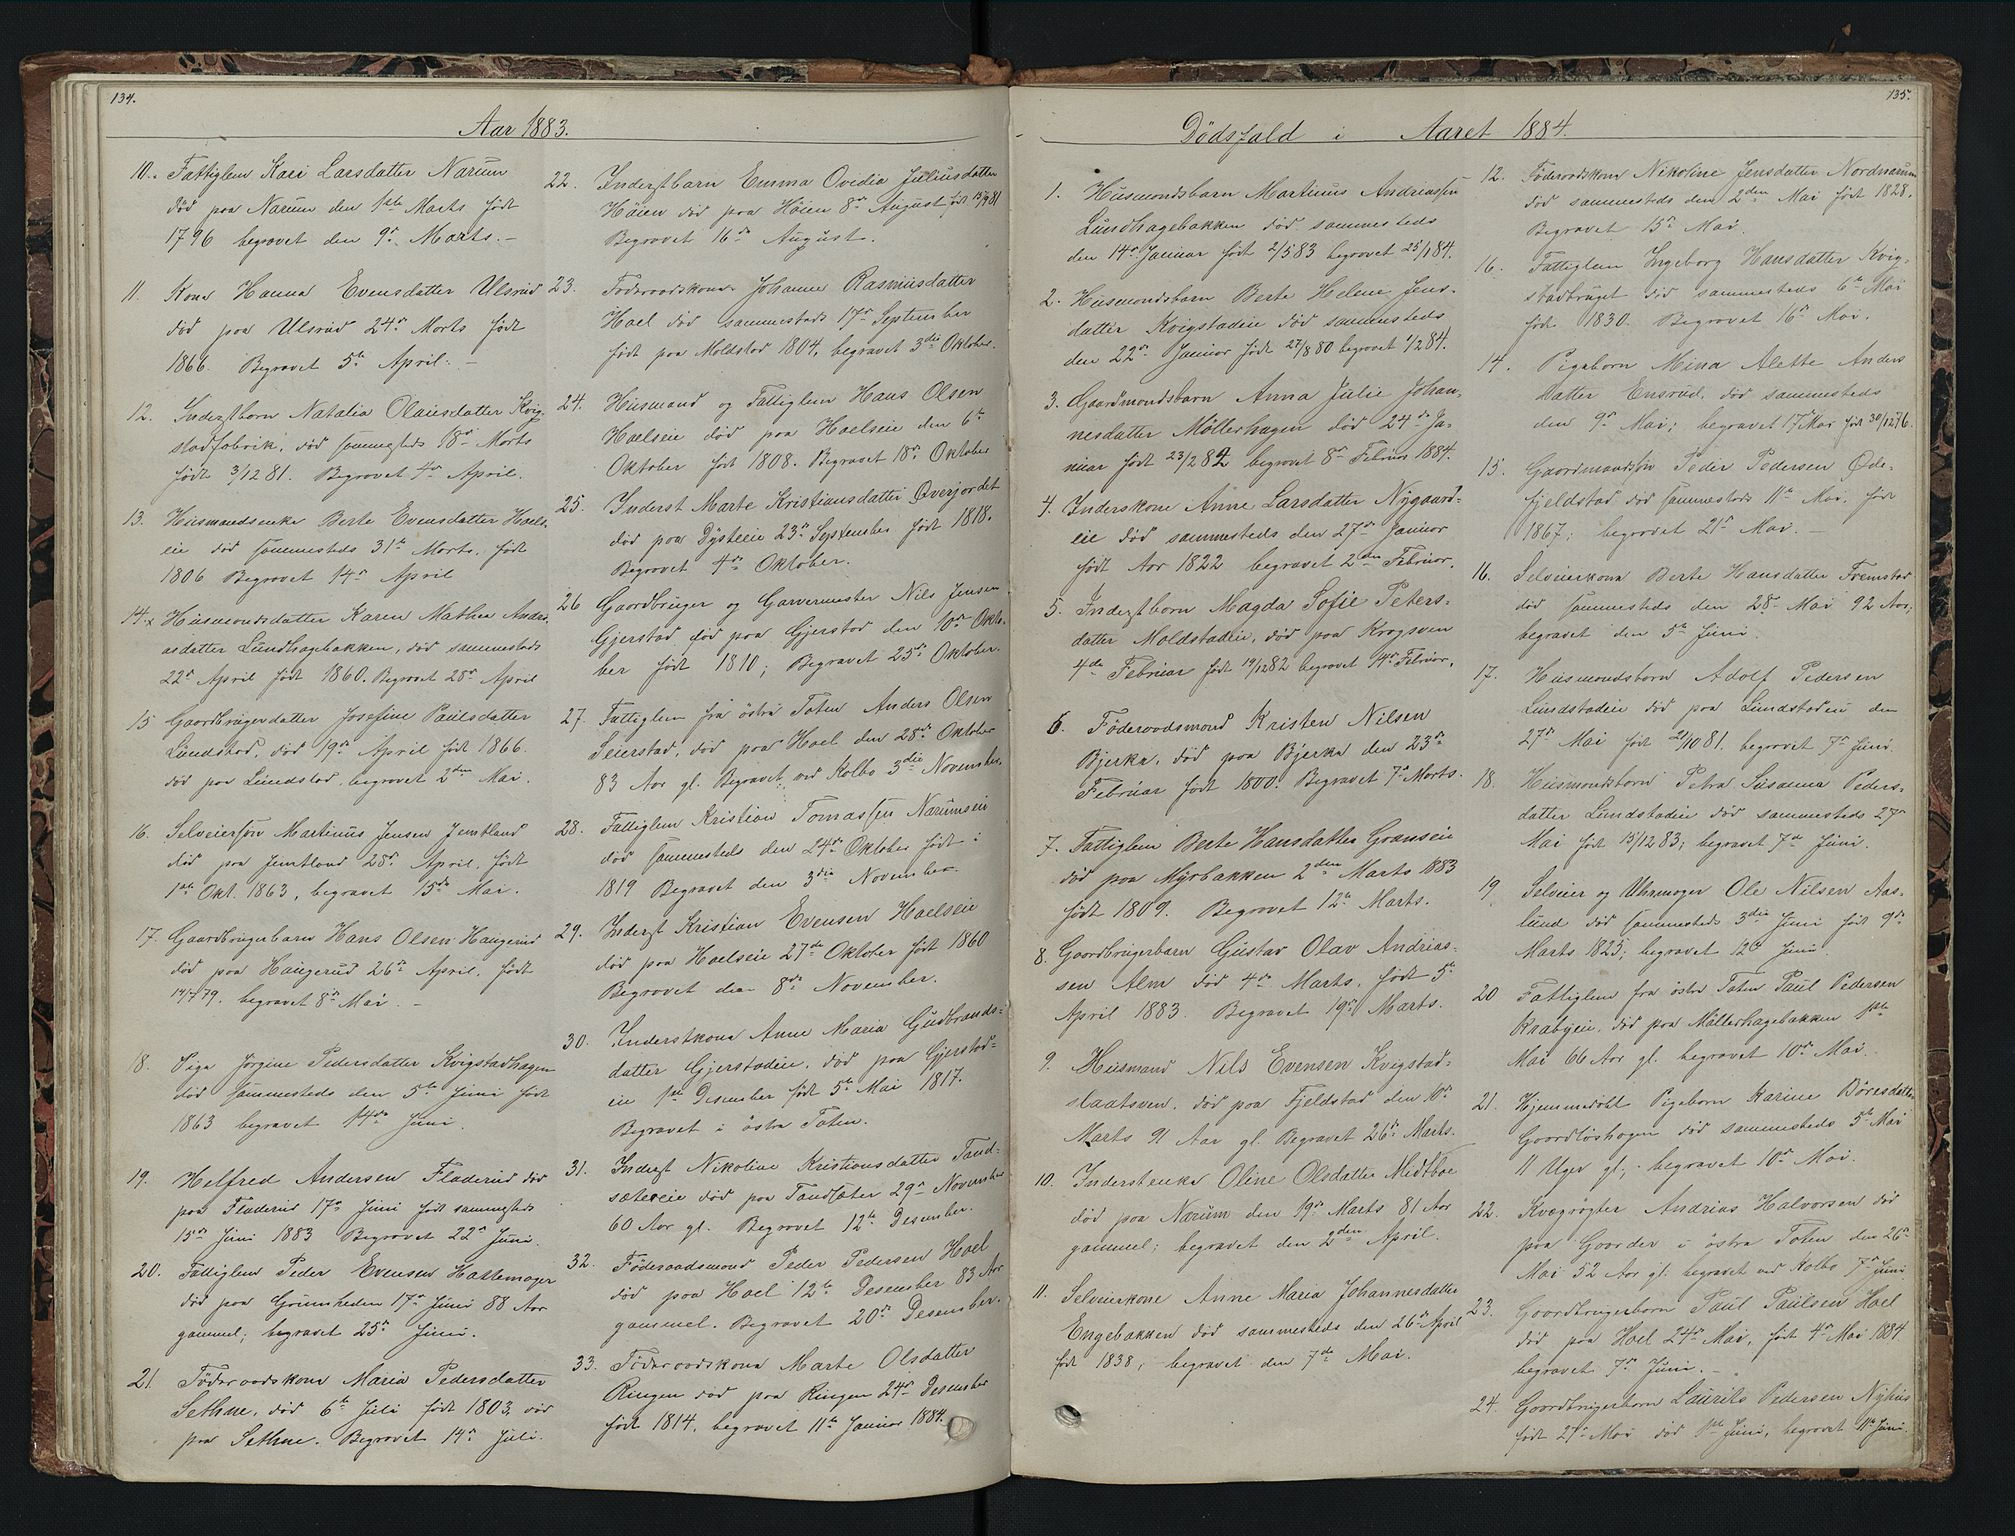 SAH, Vestre Toten prestekontor, H/Ha/Hab/L0007: Klokkerbok nr. 7, 1872-1900, s. 134-135